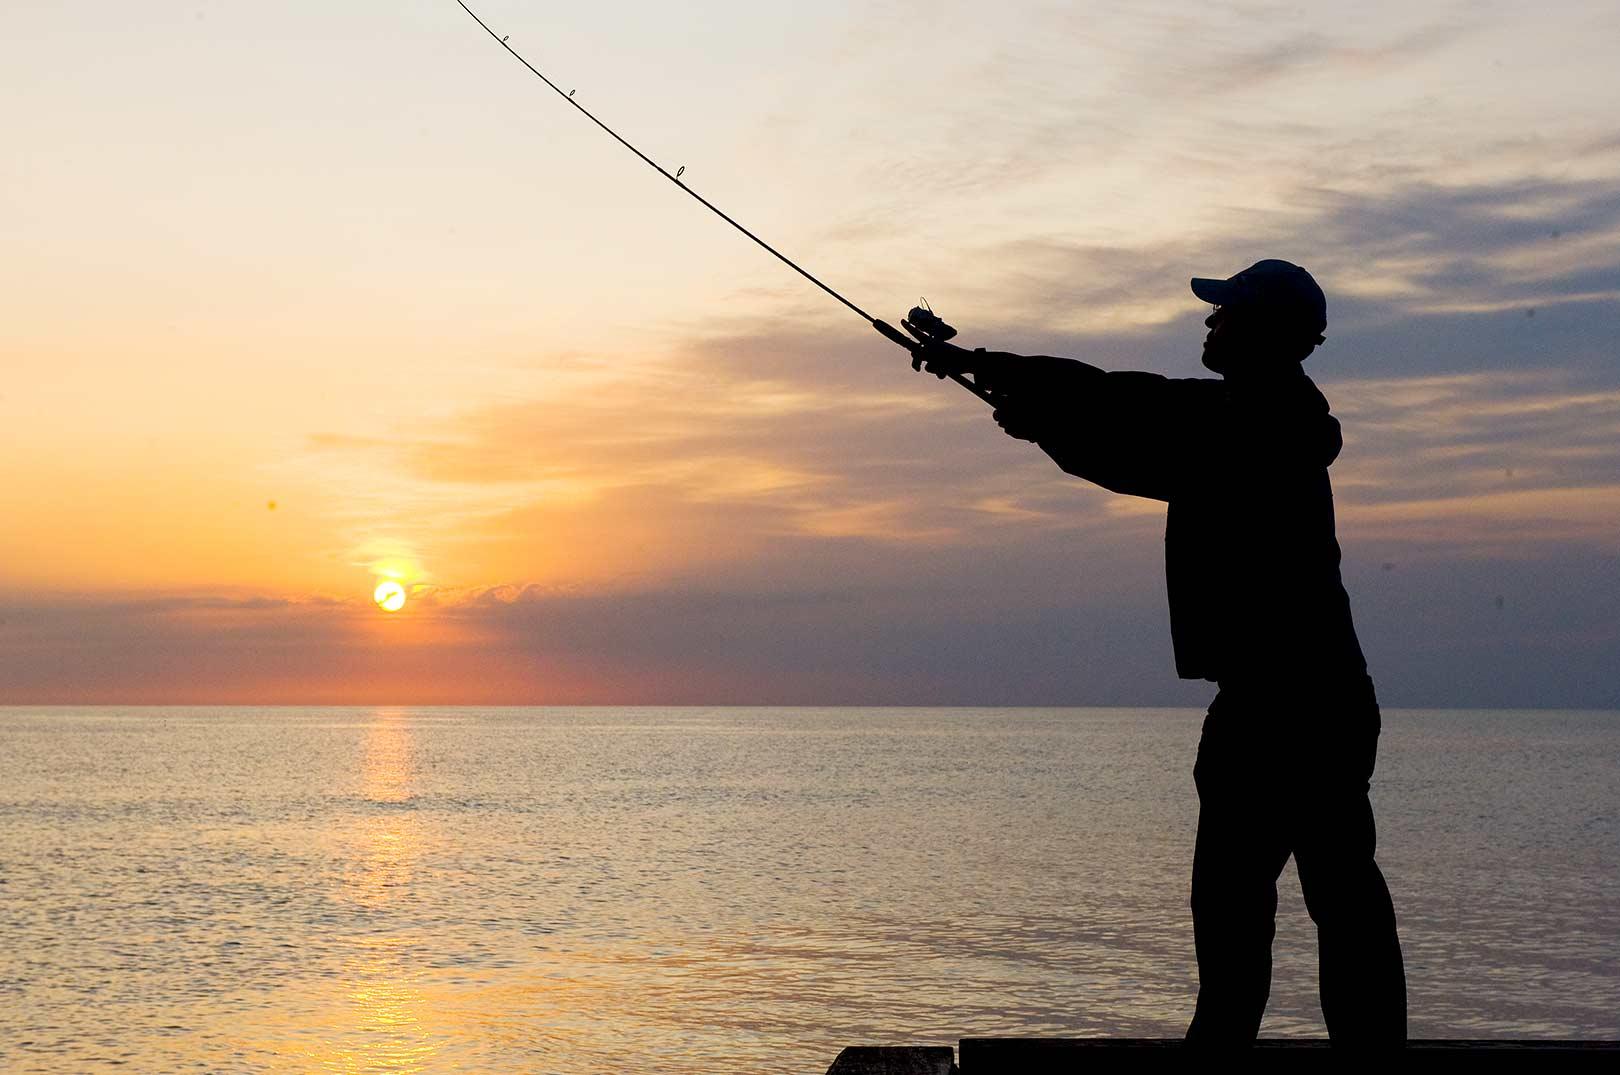 Alle nyfiskere skal naturligvis være velkomne i Dansk lystfiskeri, men der er måske brug for en diskussion om hvorvidt det giver mening målrettet og proaktivt at bruge ressourcer på at rekruttere nye lystfiskere, når det fiskebestandende måske mest har brug for lige nu - er det modsatte?